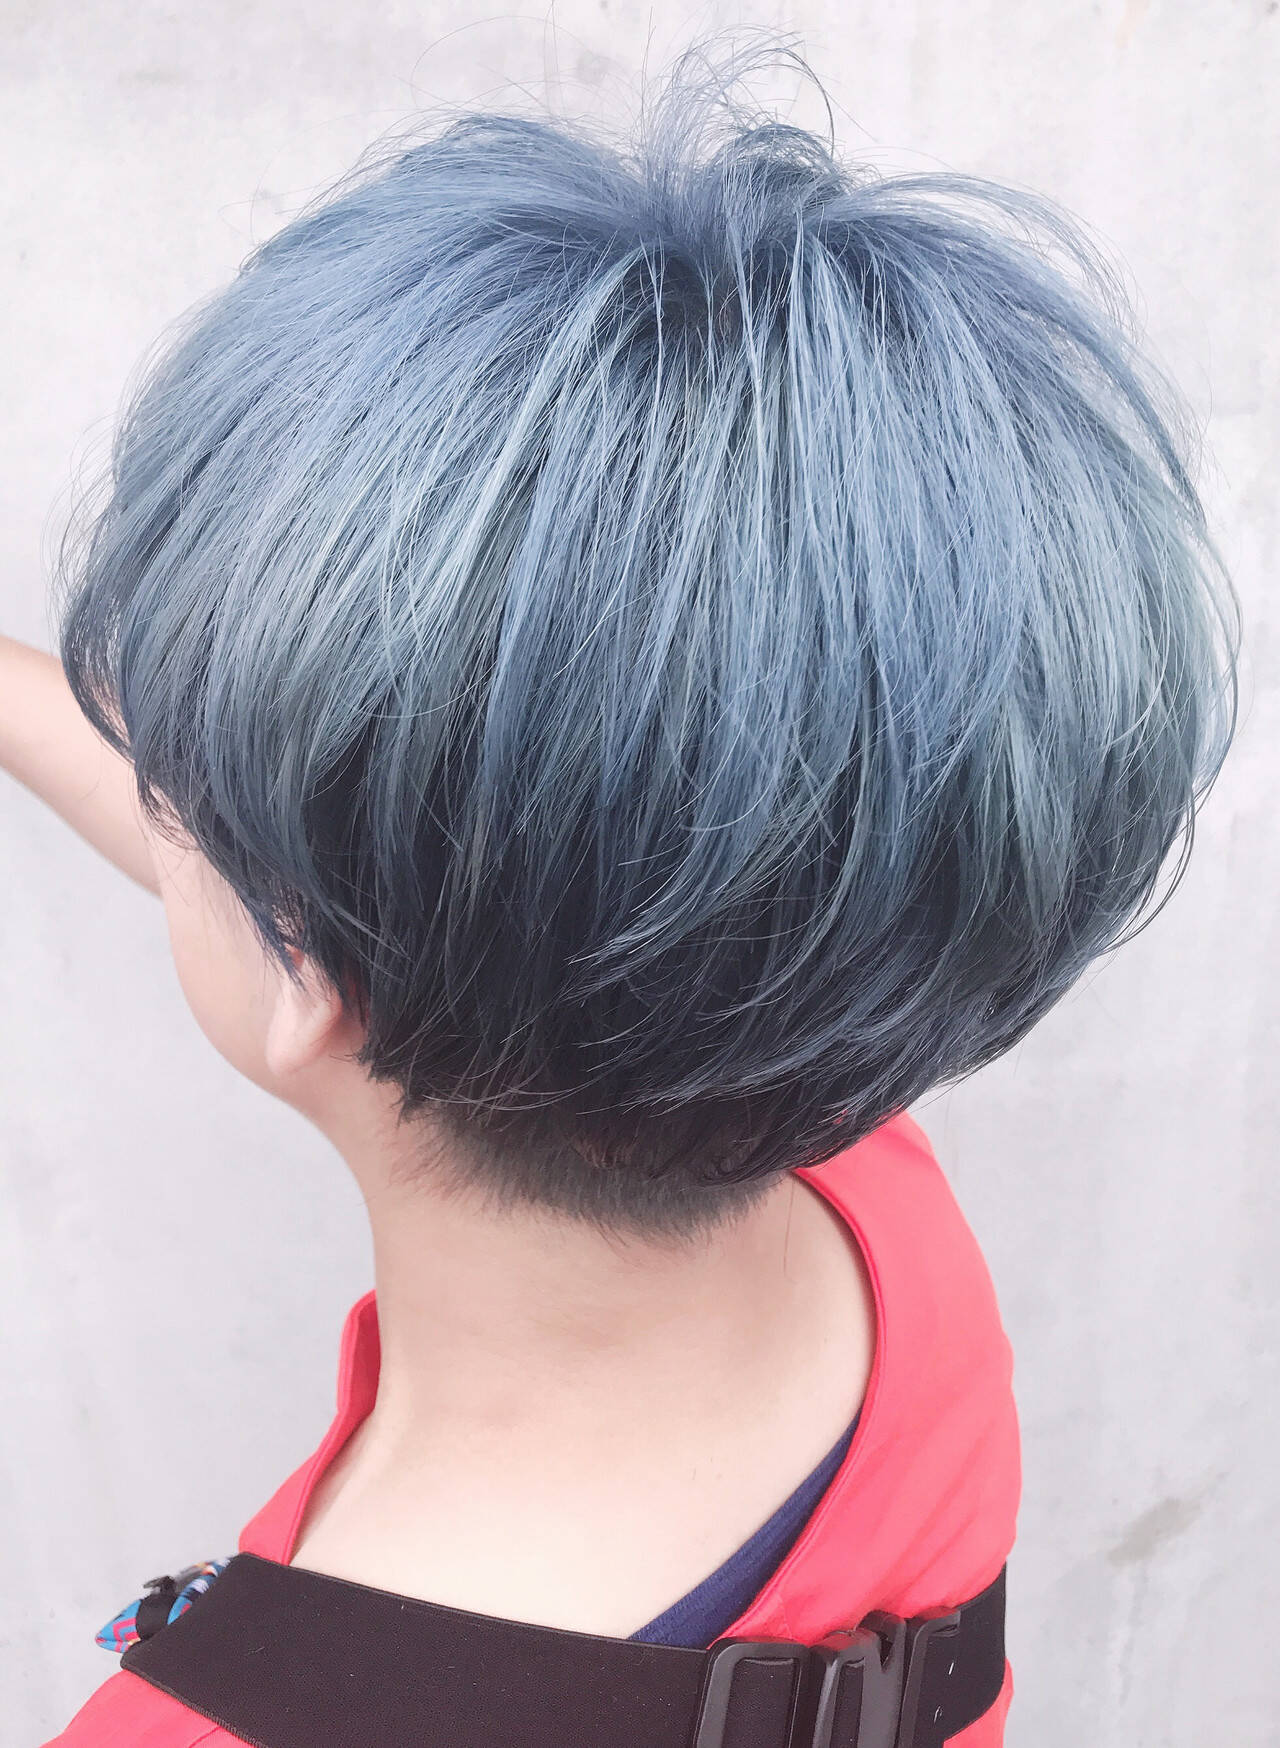 ショート シルバーグレー シルバーアッシュ ストリートヘアスタイルや髪型の写真・画像